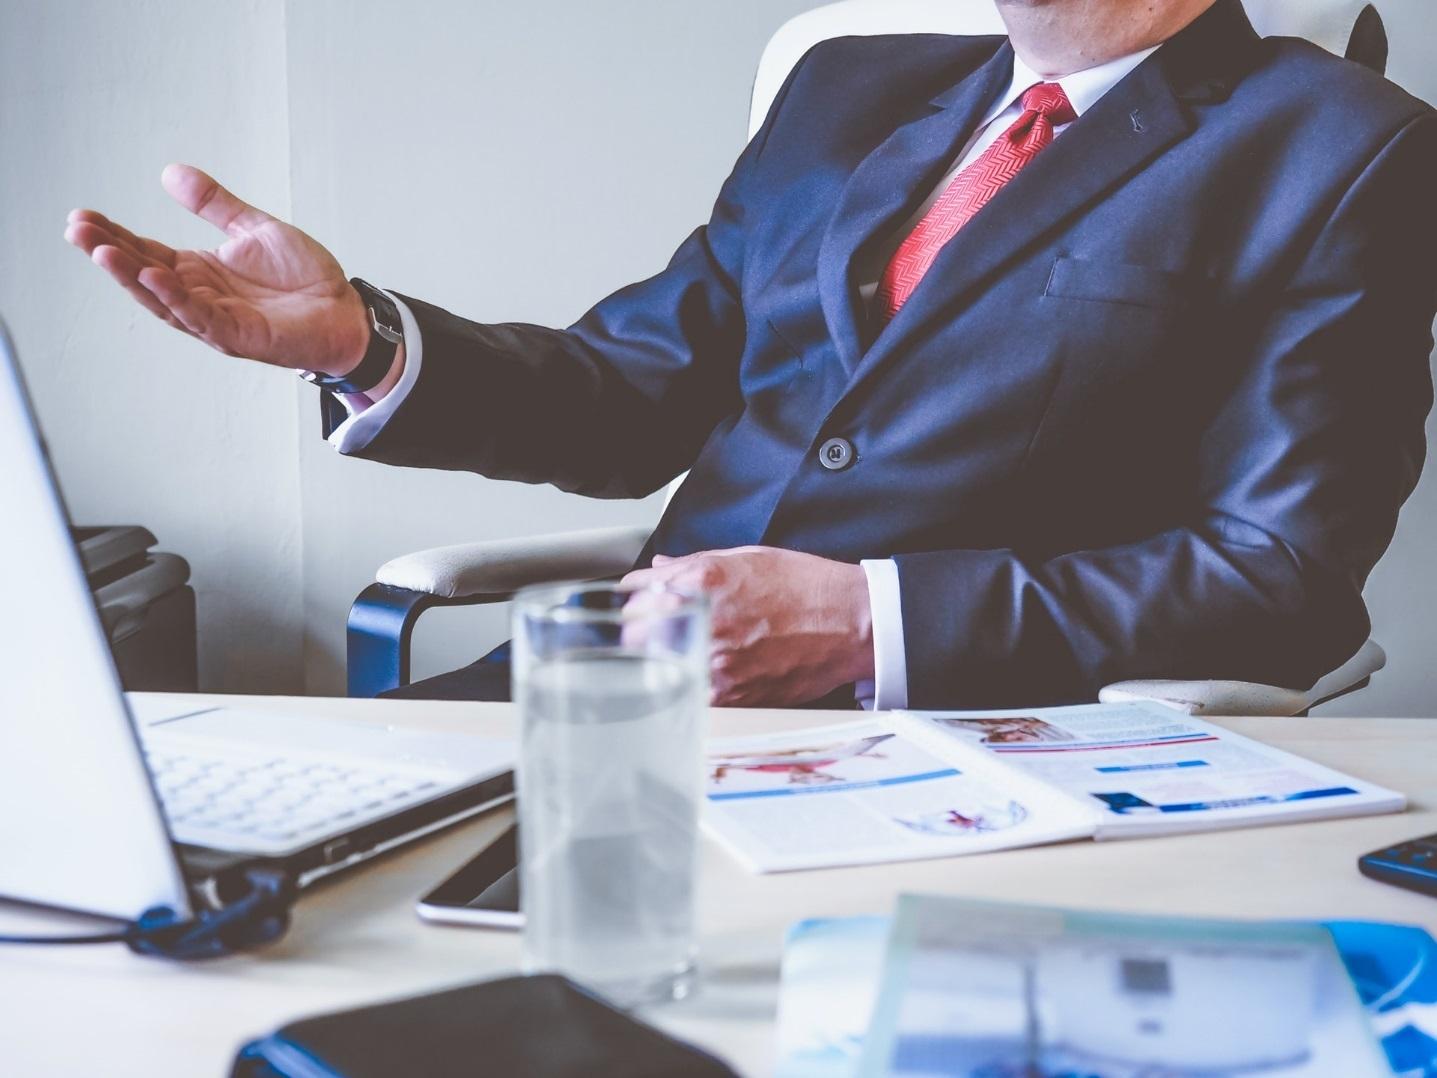 Mann im Anzug sitzt am Schreibtisch